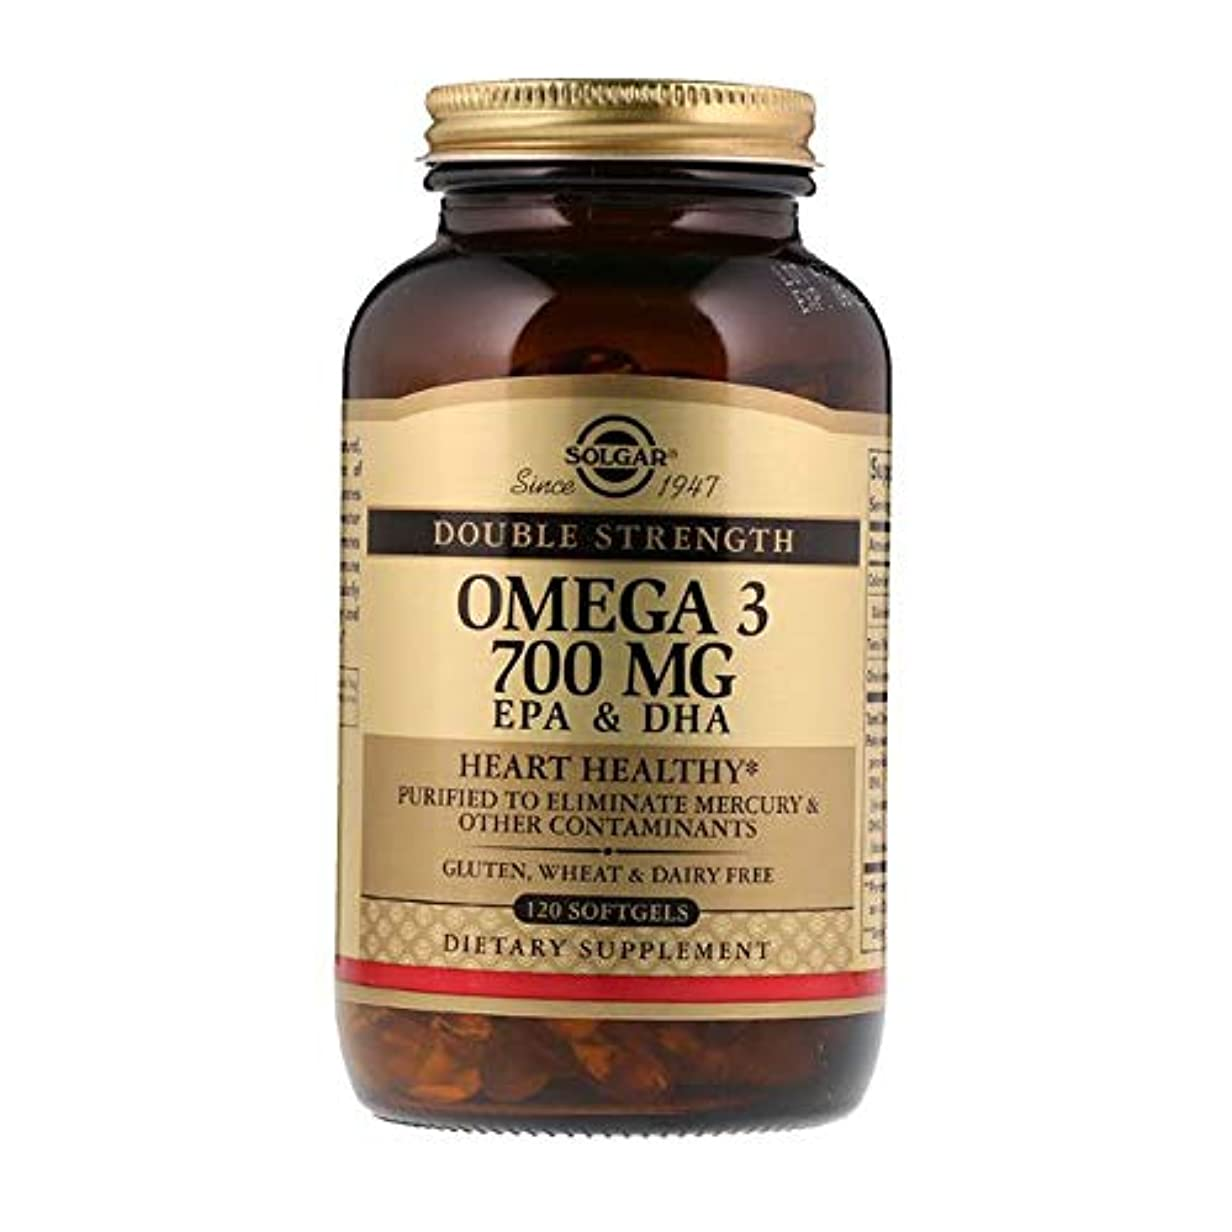 断片拍車心理学Solgar Omega 3 EPA DHA Double Strength 700mg 120 Softgels 【アメリカ直送】